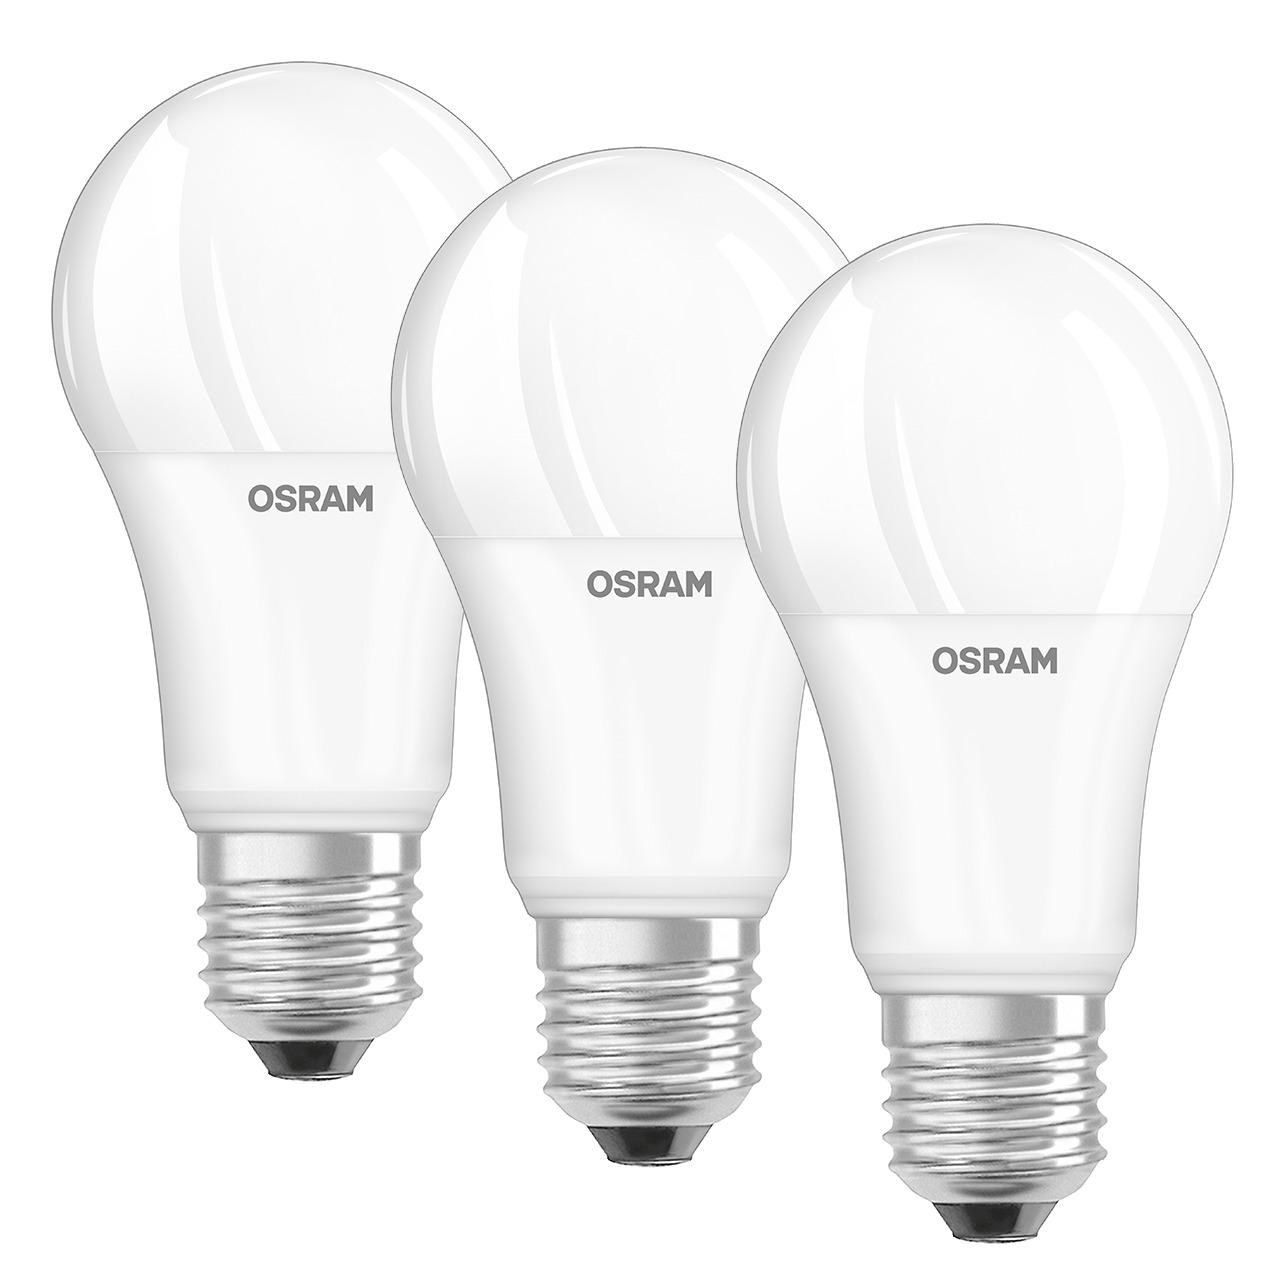 OSRAM 3er Set 13-W-Filament-LED-Lampe E27- neutralweiss- matt